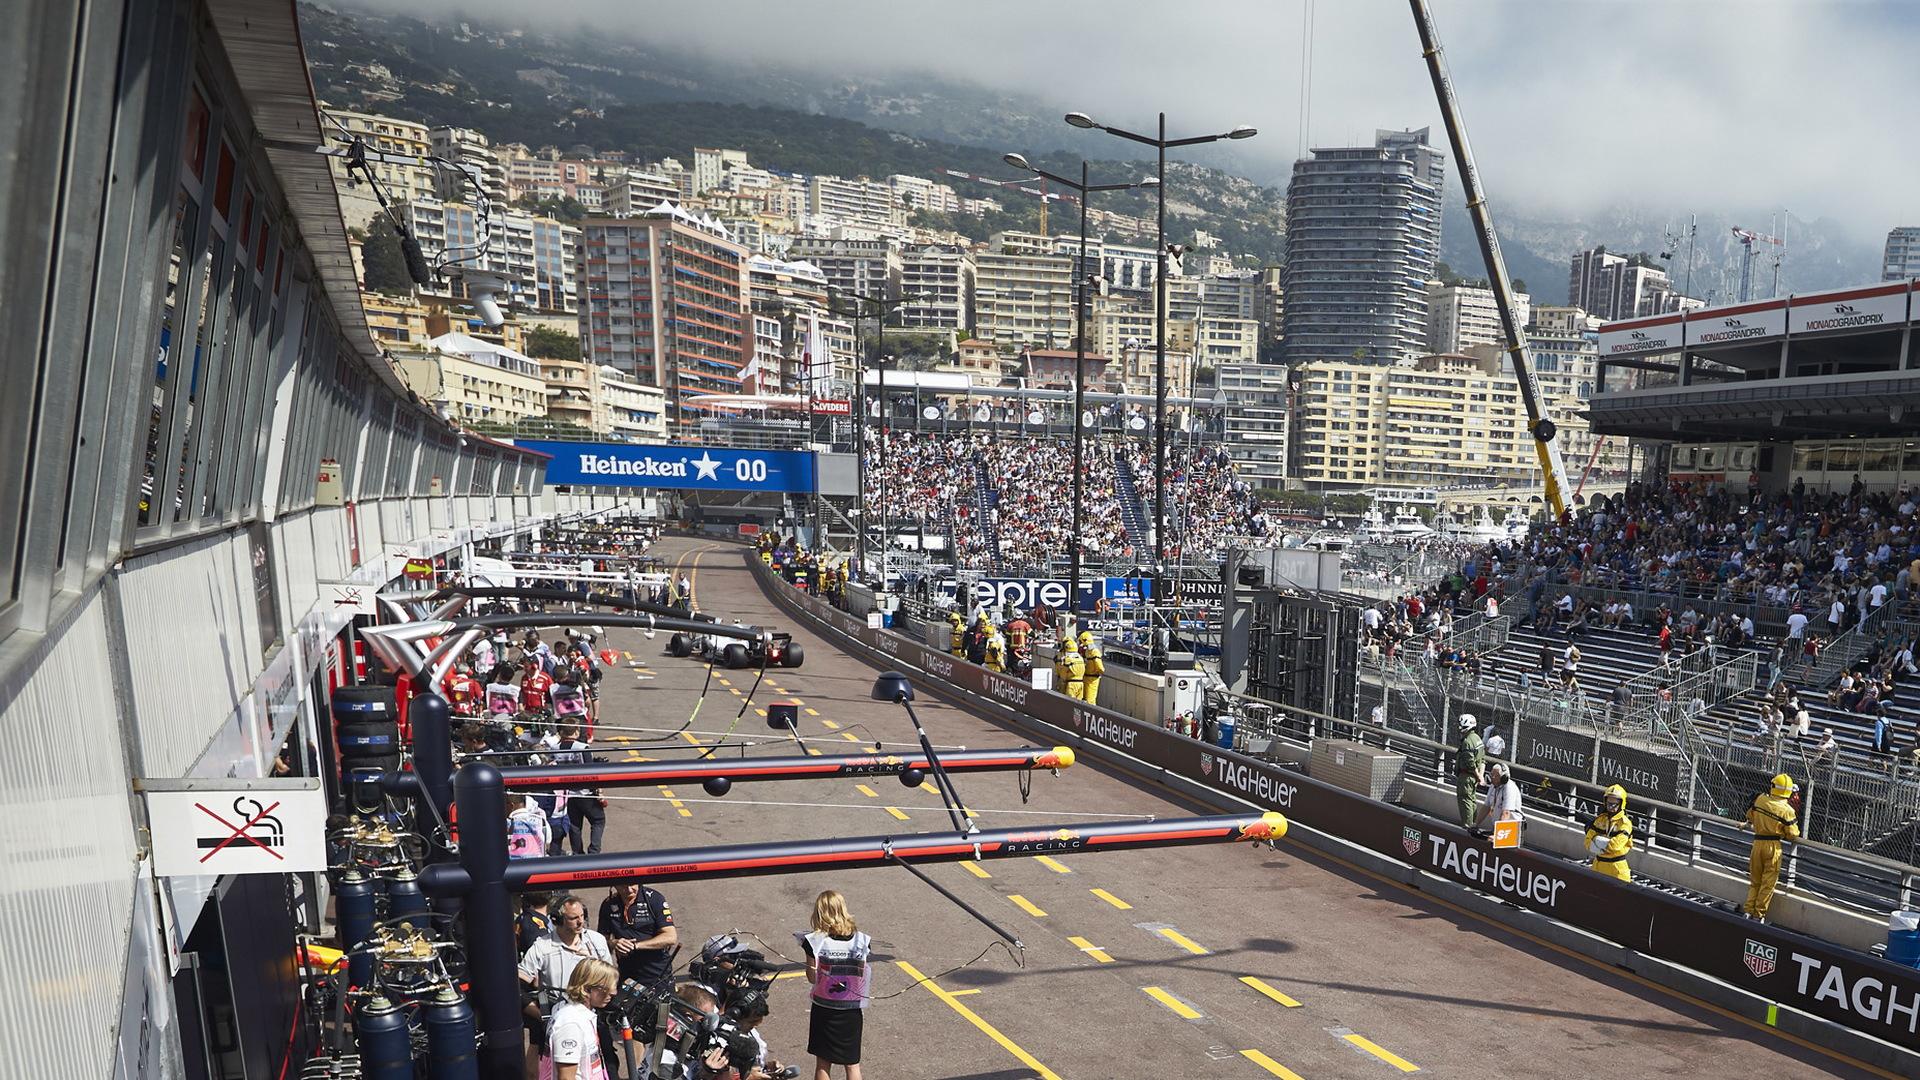 Circuit de Monaco, home of the Formula 1 Monaco Grand Prix